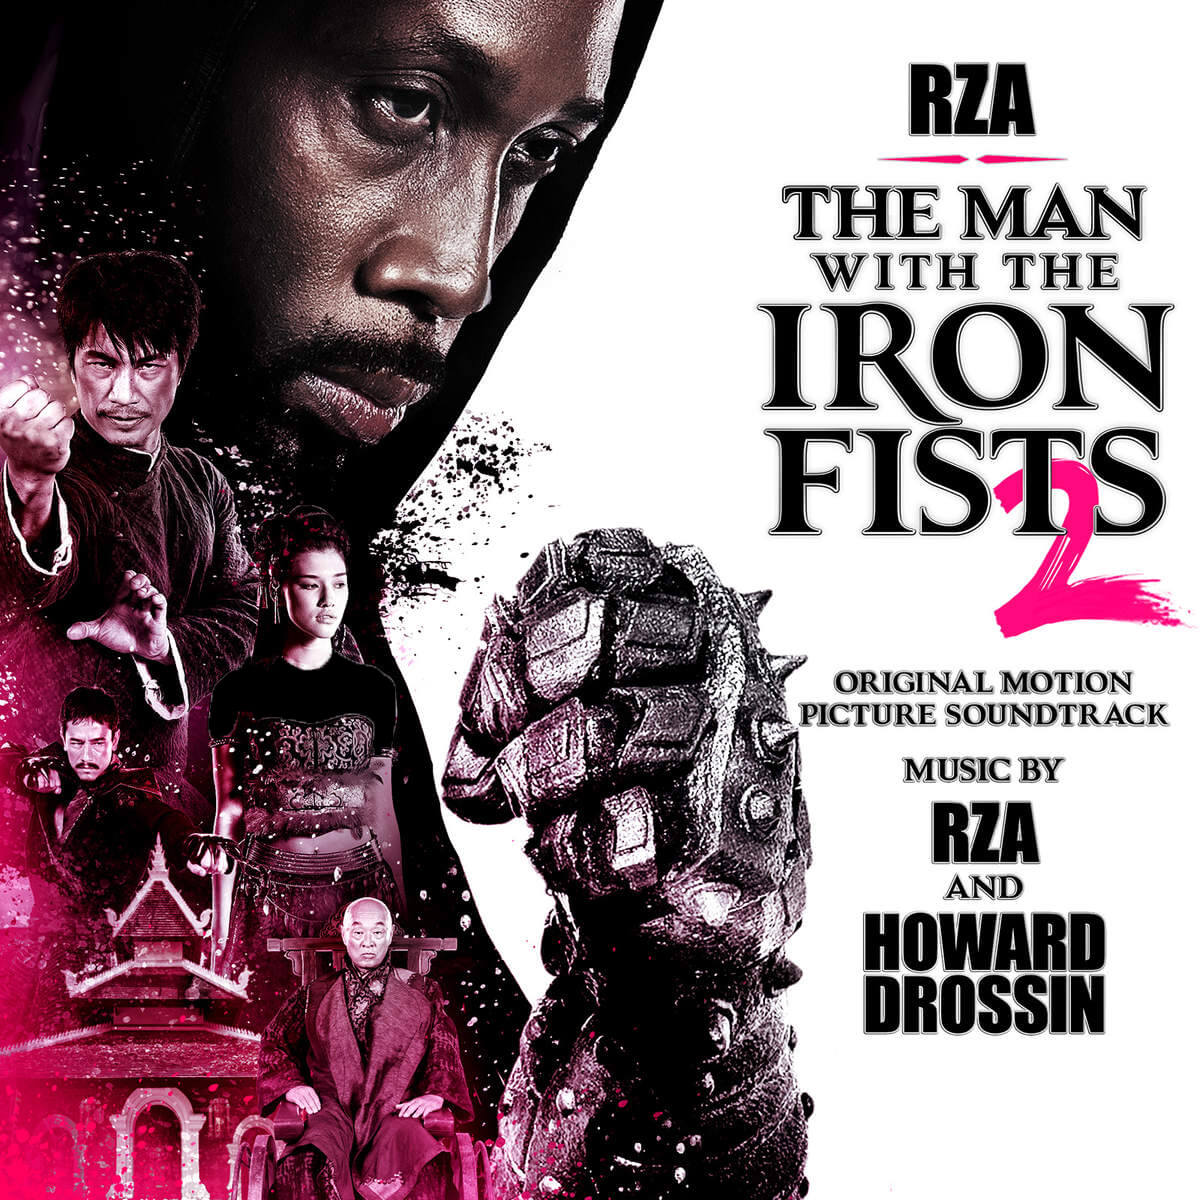 دانلود فیلم The Man with the Iron Fists 2 2015